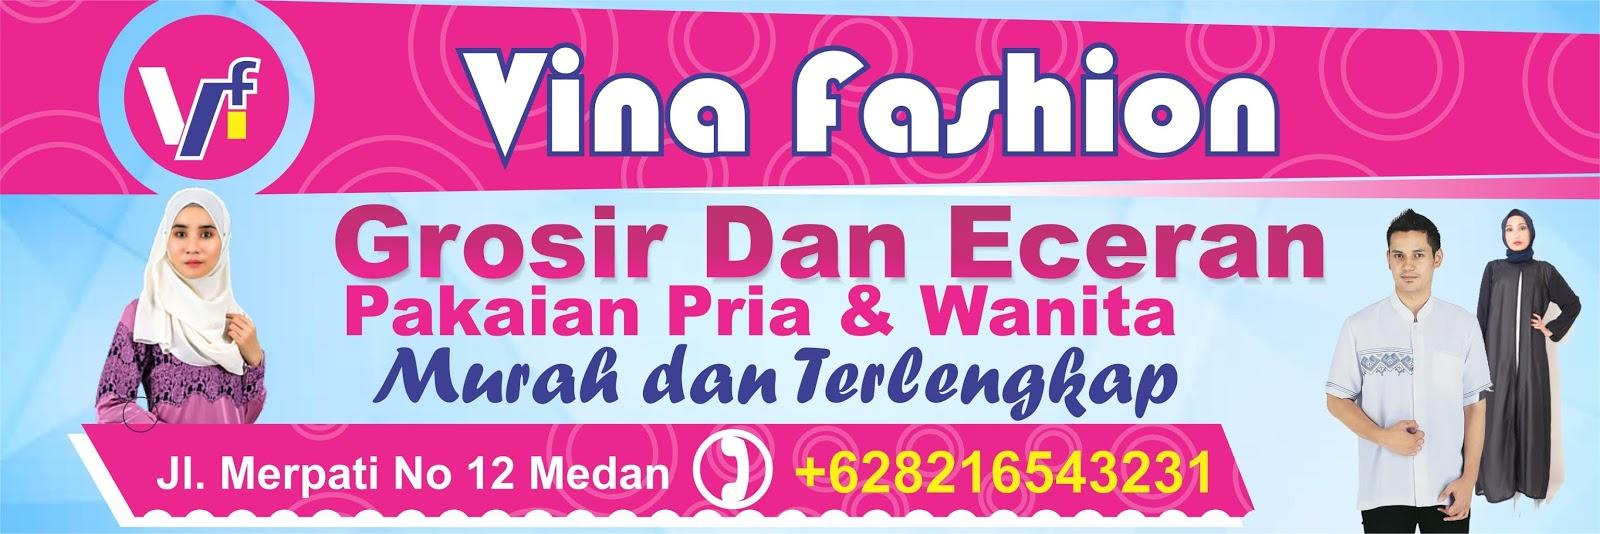 Contoh Desain Banner Spanduk Toko Pakaian Terbaru Cdr Go Like Trik